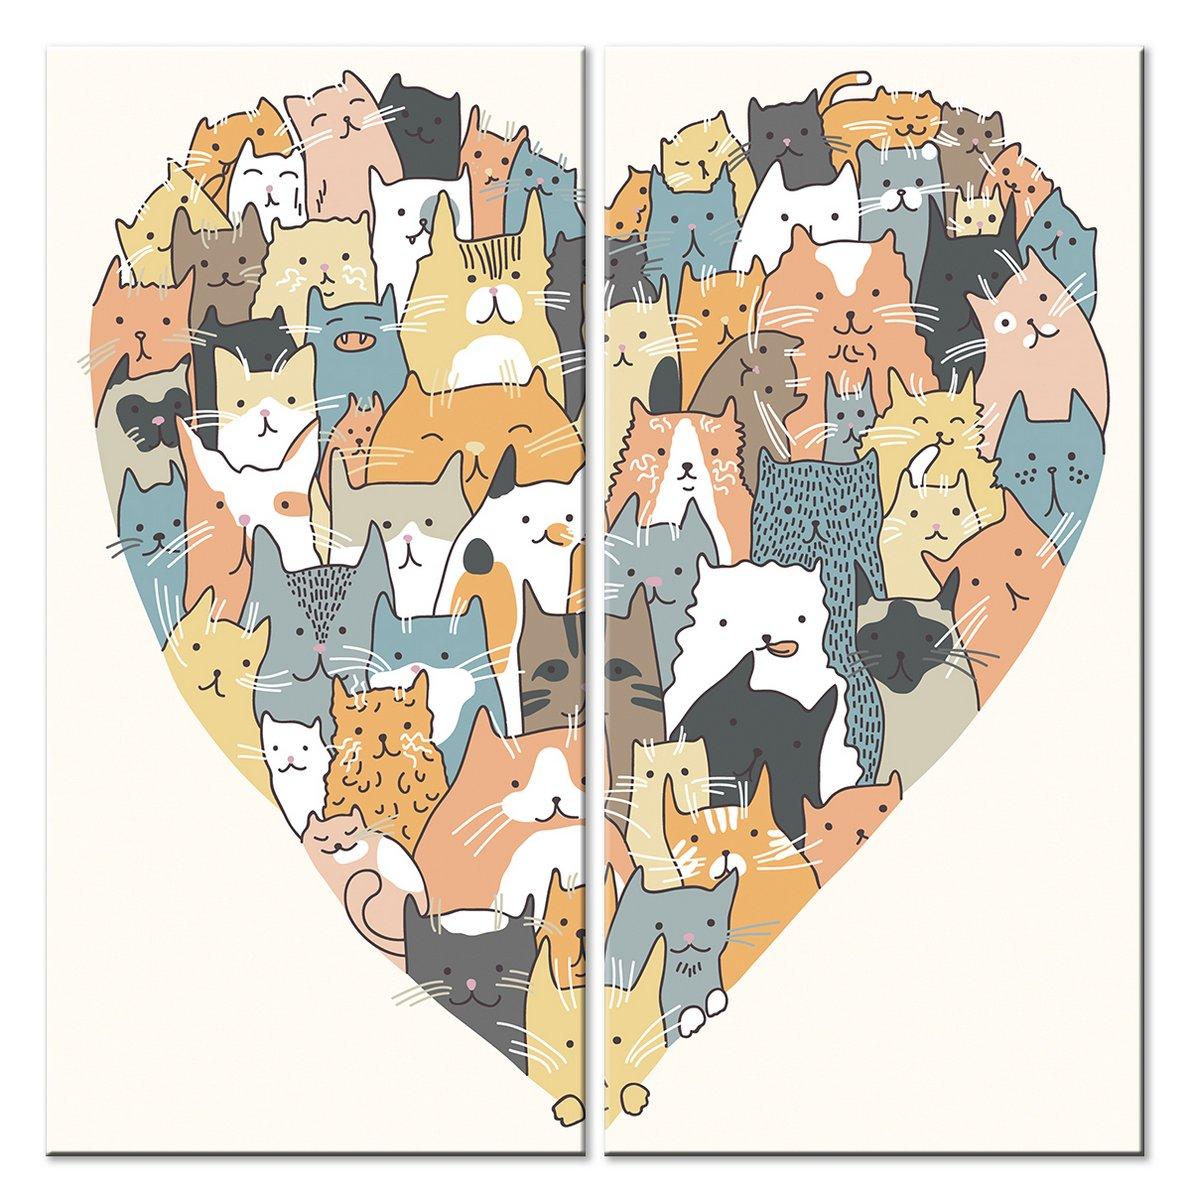 Модульная картина «Коты и кошки»Детские<br>Модульная картина на натуральном холсте и деревянном подрамнике. Подвес в комплекте. Трехслойная надежная упаковка. Доставим в любую точку России. Вам осталось только повесить картину на стену!<br>